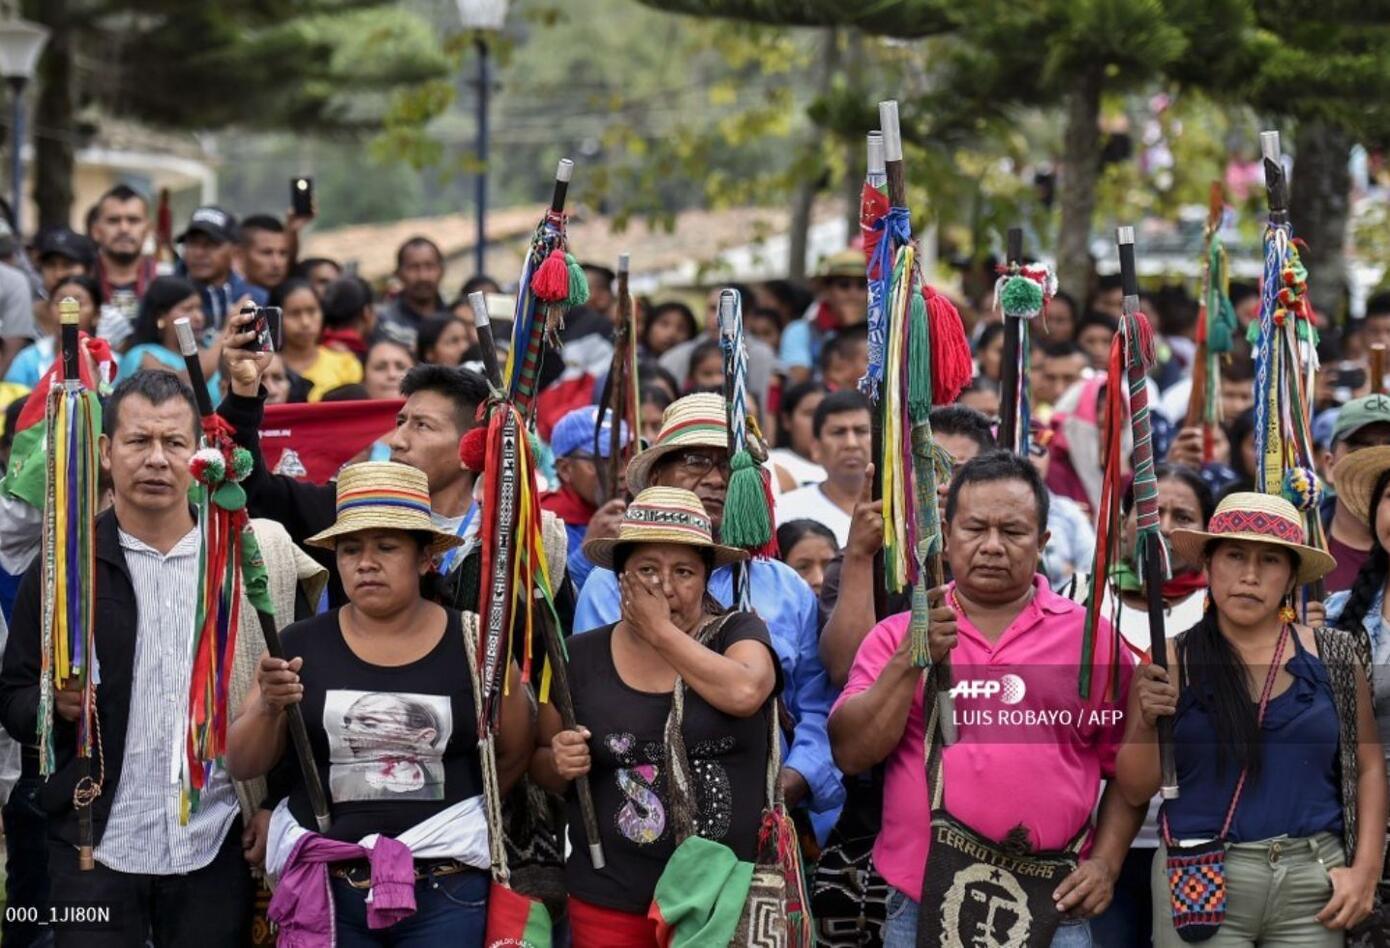 """""""Nos están matando por (...) no permitir la minería, no permitir el narcotráfico, no permitir la presencia de grupos armados criminales, no permitir el atropello del gobierno propio"""", dijo el senador indígena Feliciano Valencia durante el sepelio."""